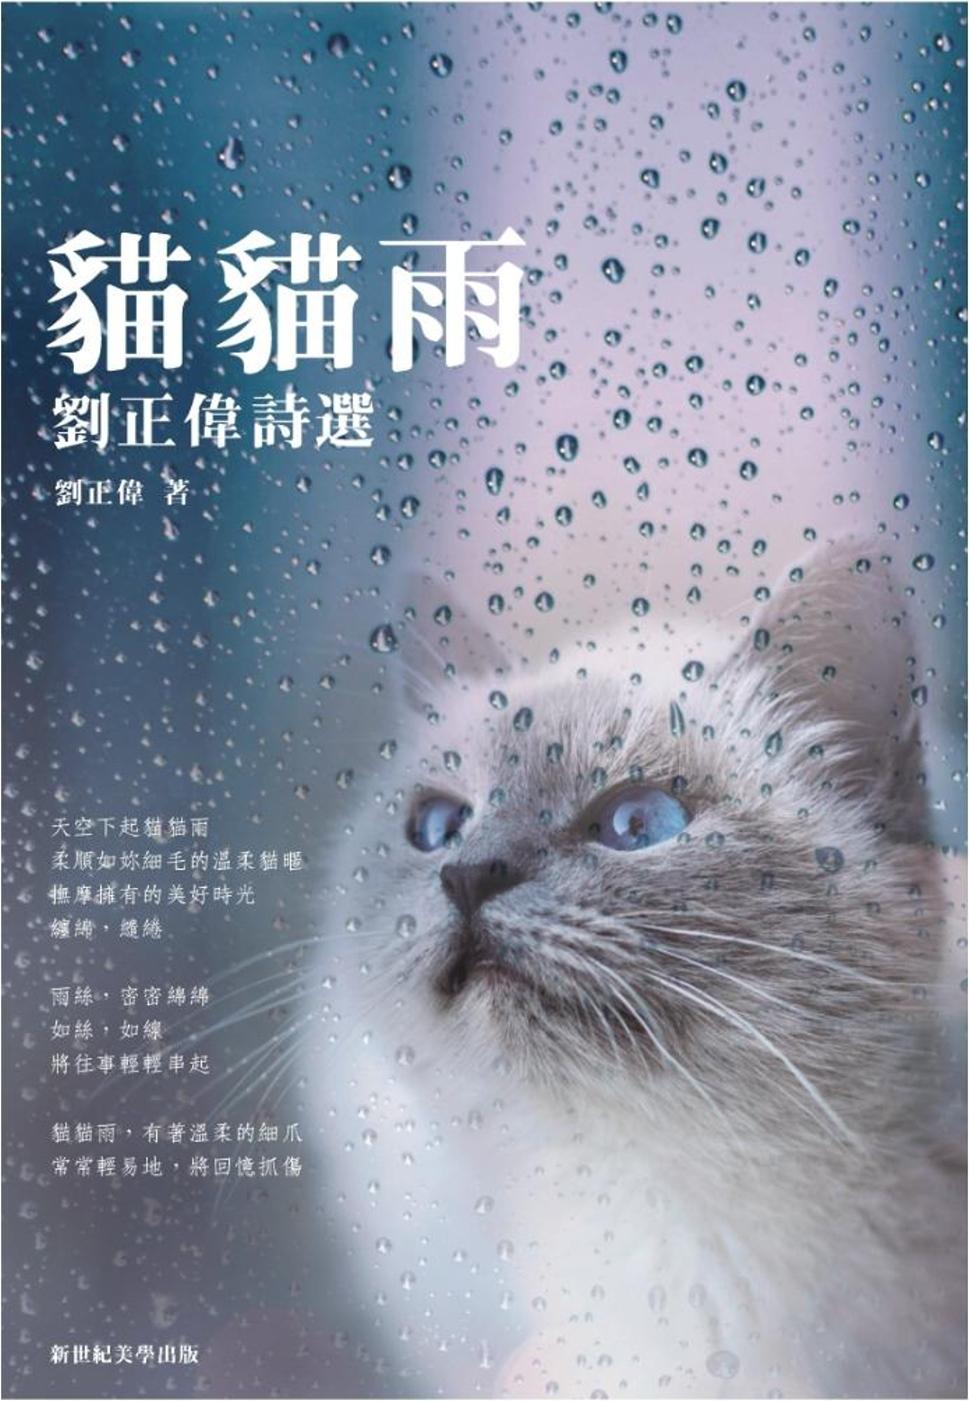 貓貓雨:劉正偉詩選